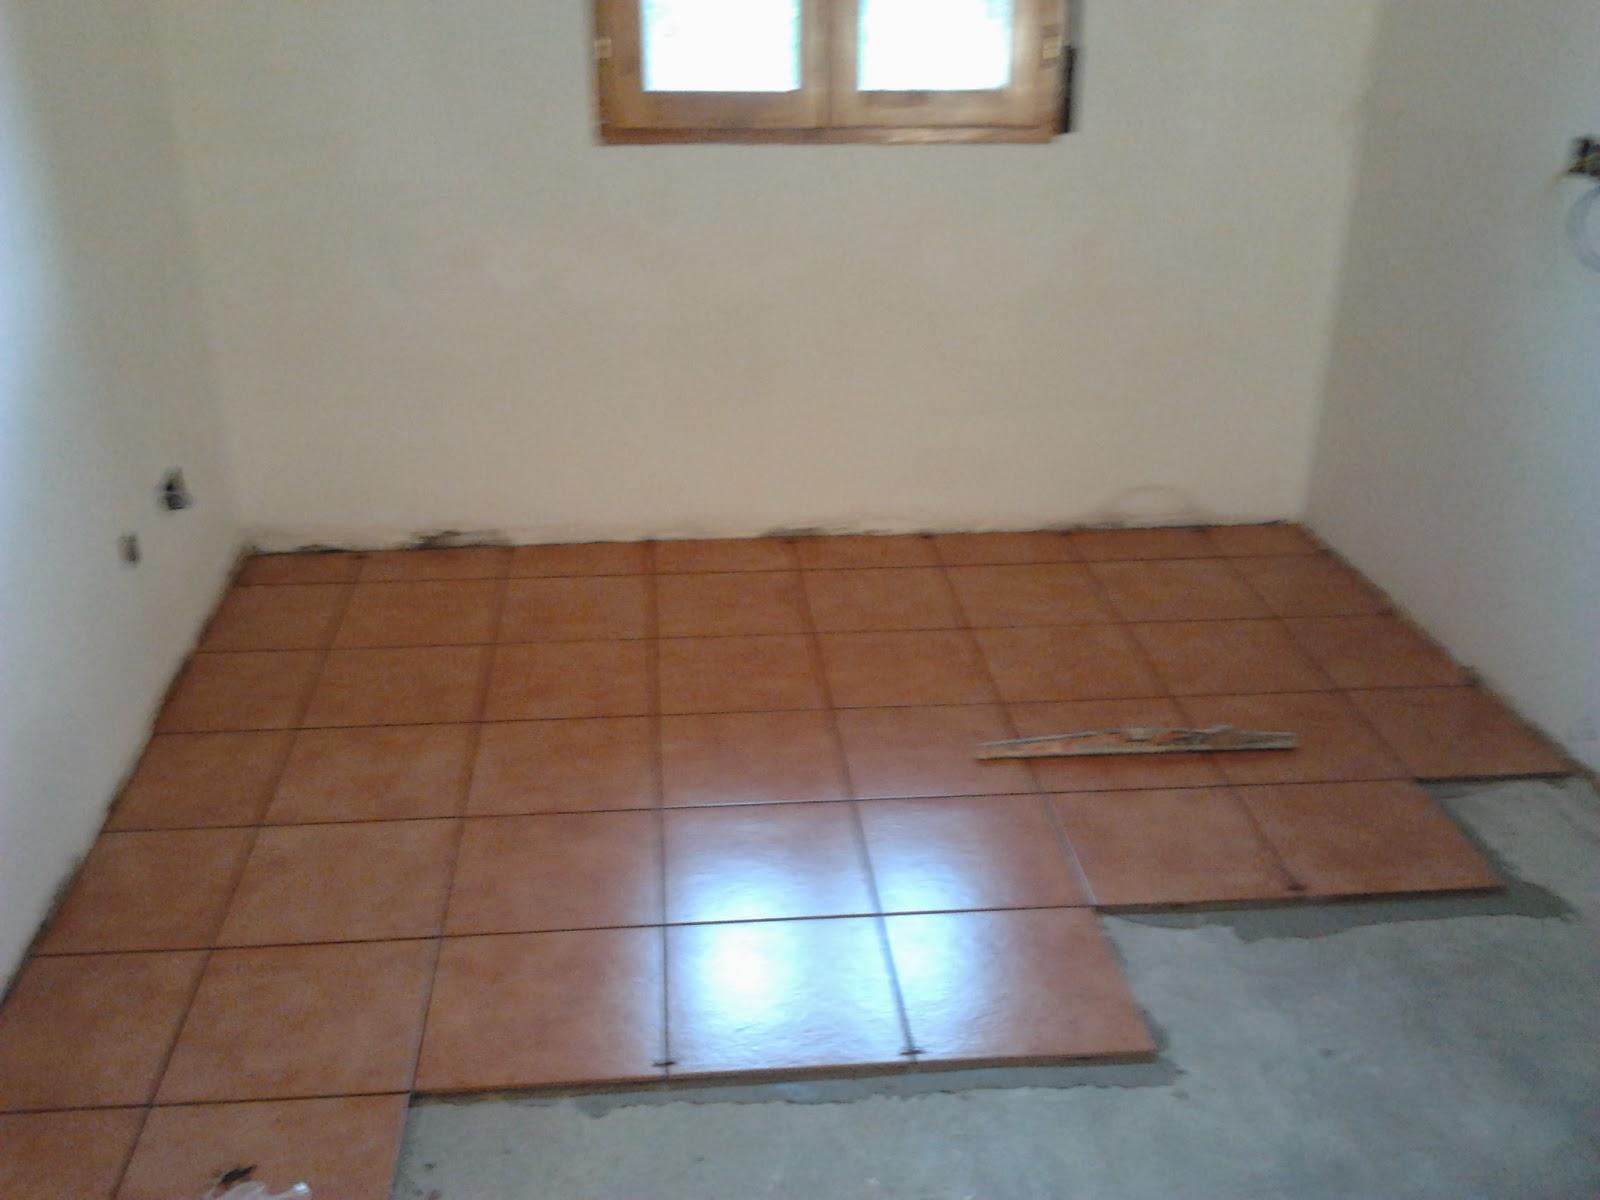 Colocado de baldosas r sticas quiero reformar mi casa for Precios de baldosas rusticas